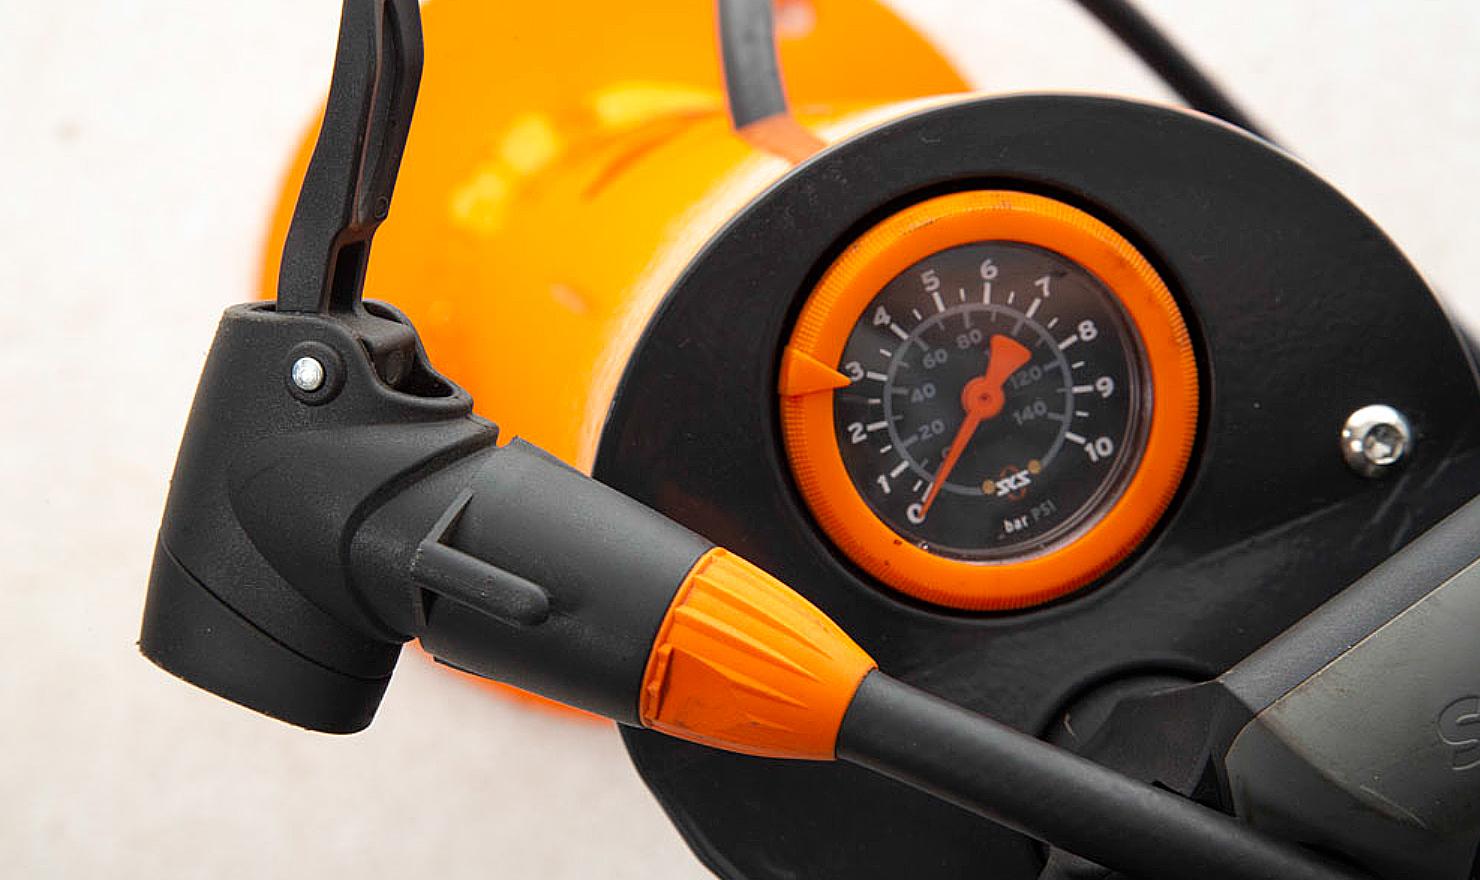 Bike Pump Station with dual Presta and Schraeder valve